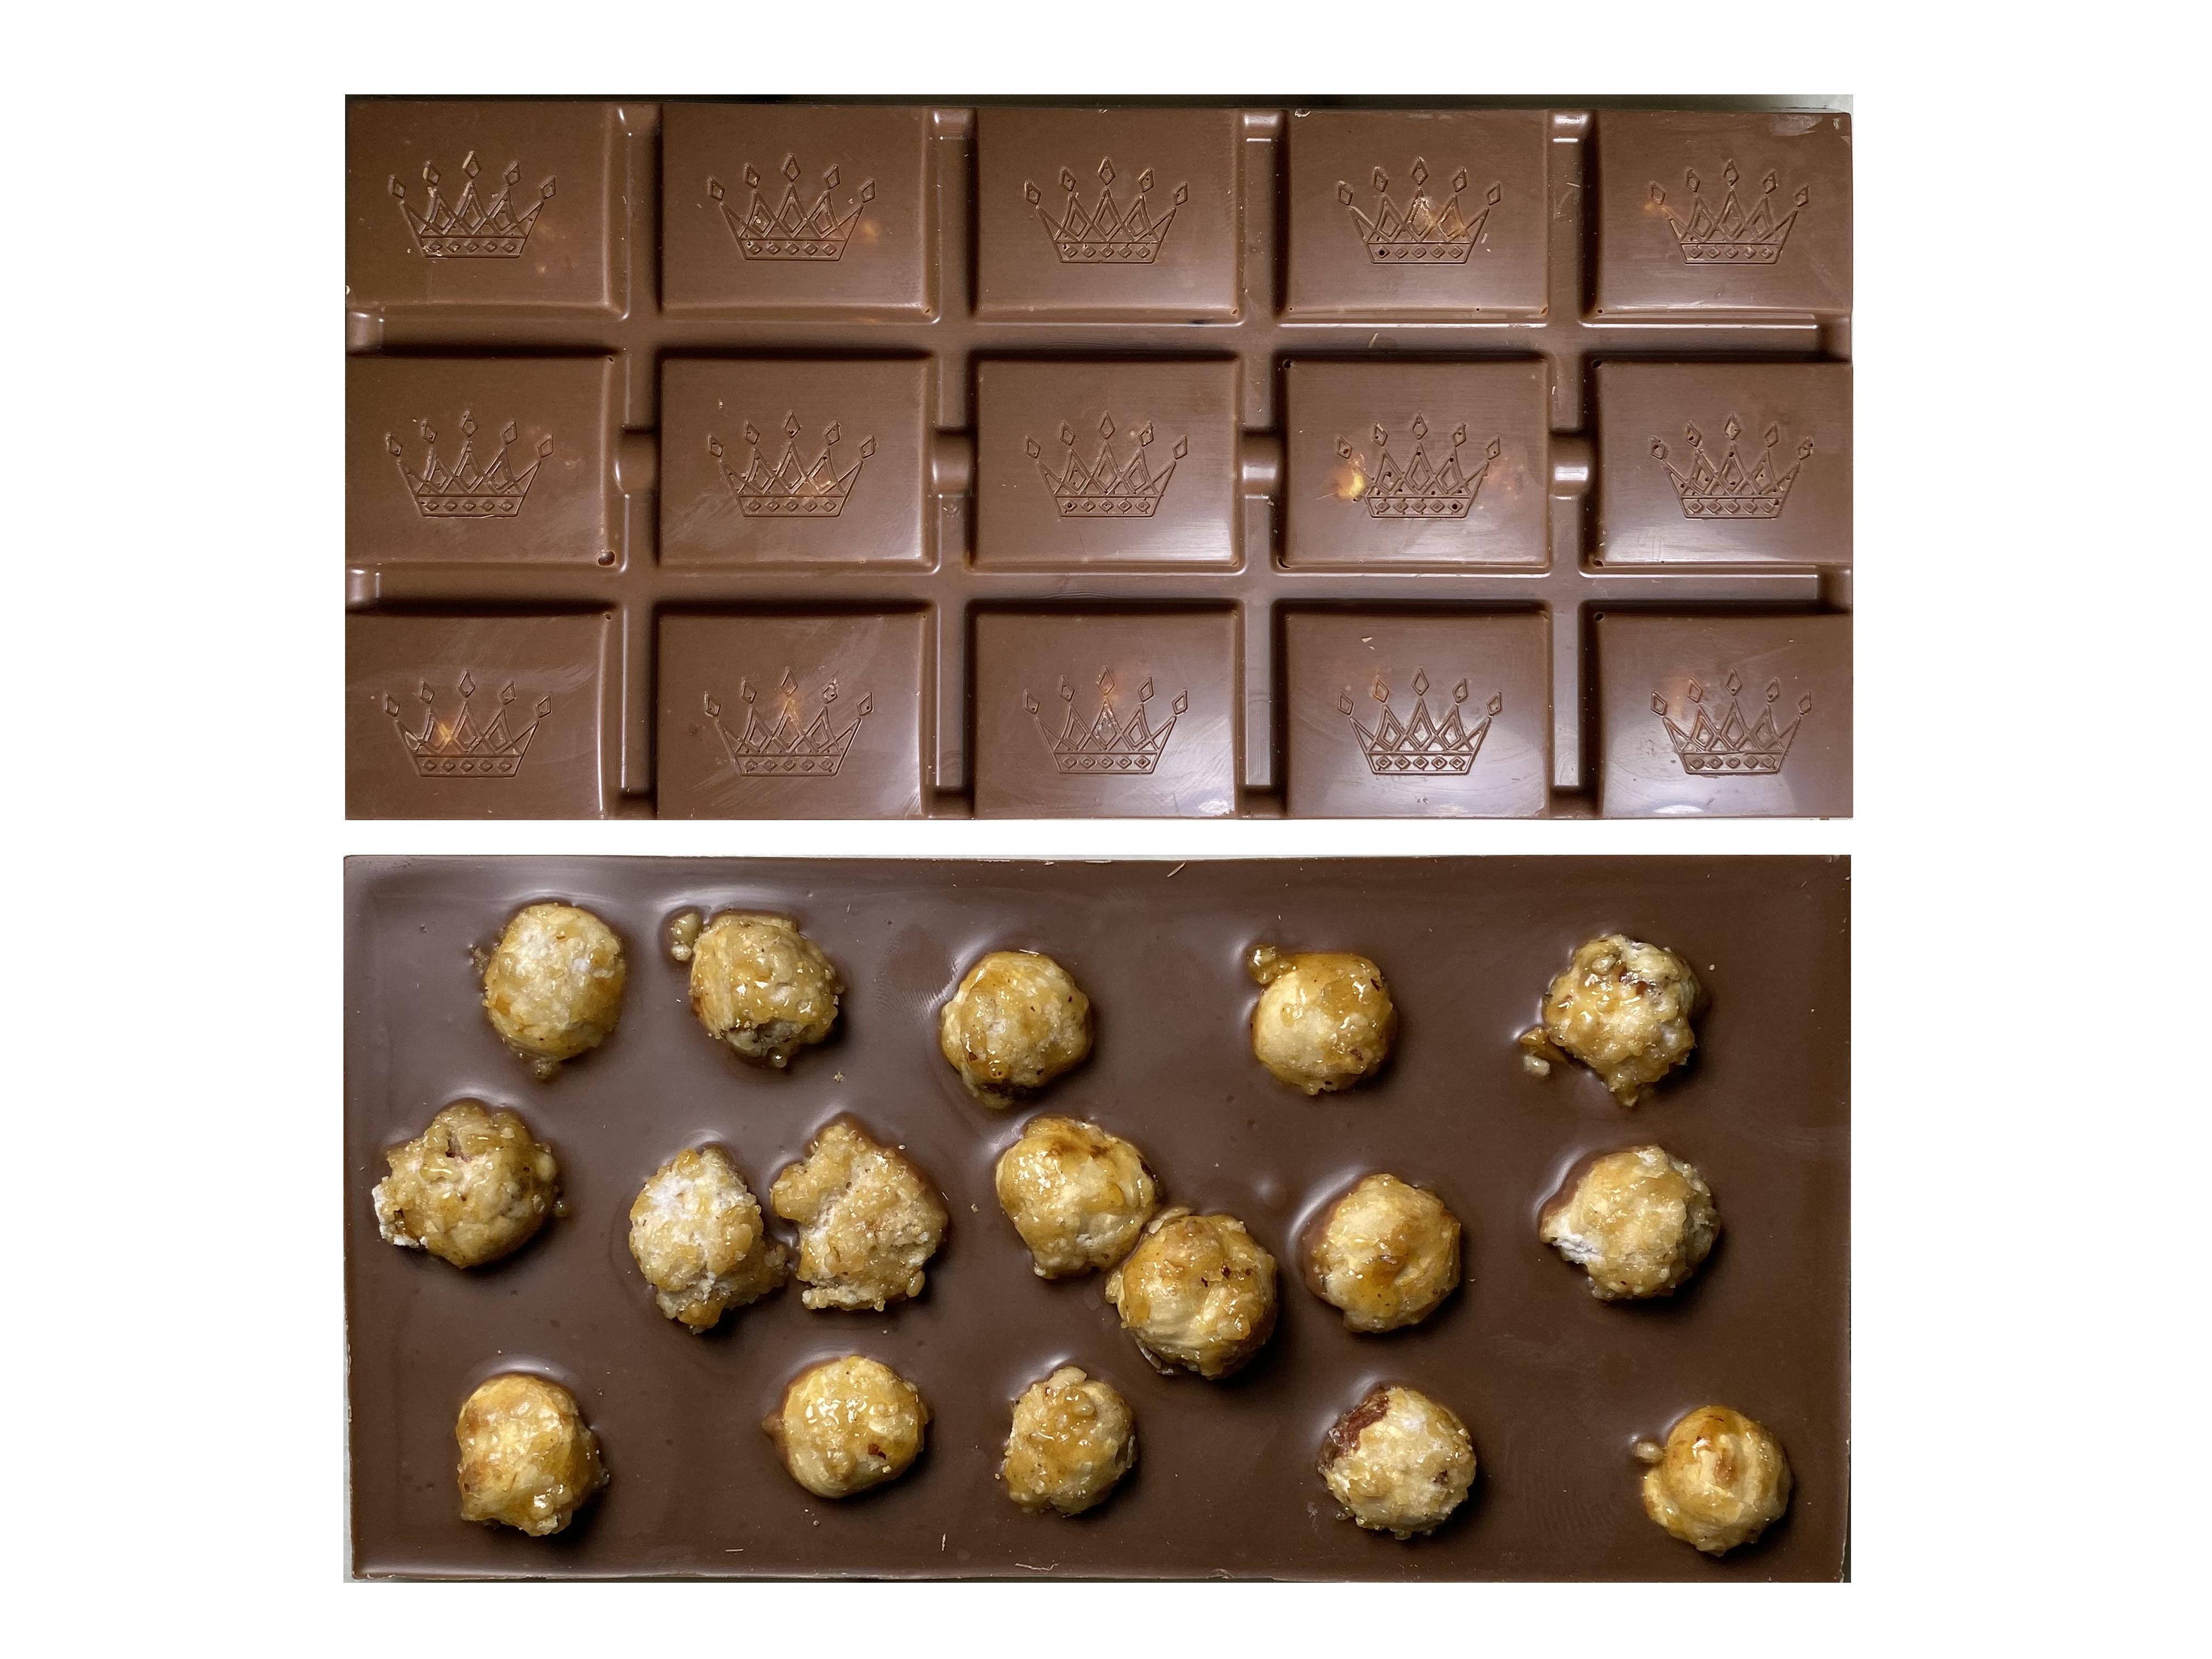 Tablette chocolat - Noisettes caramélisées